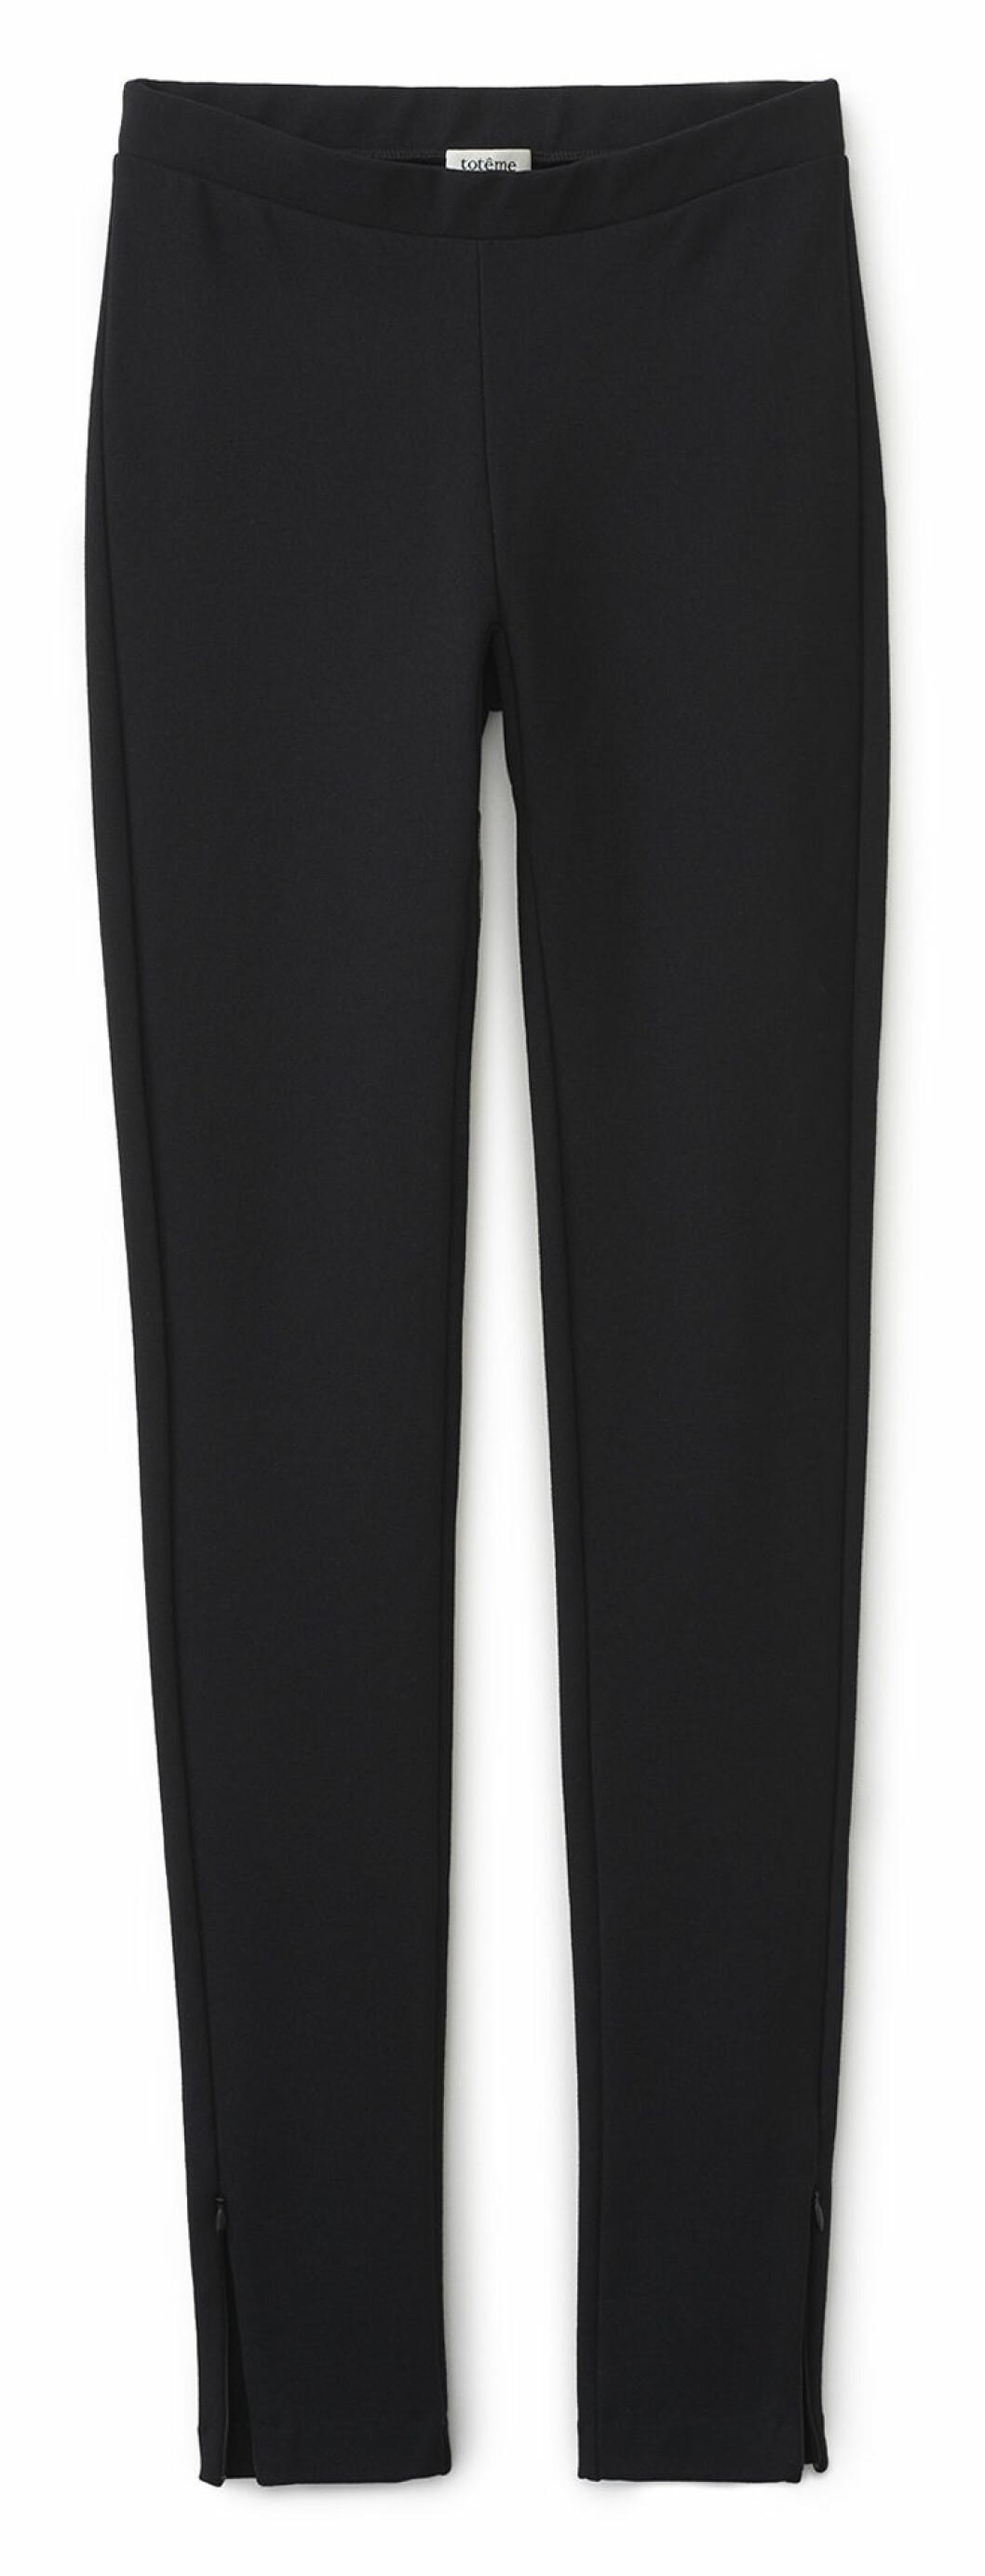 Mjuka leggings från Totême med hög midja och diskreta dragkedjor vid anklarna